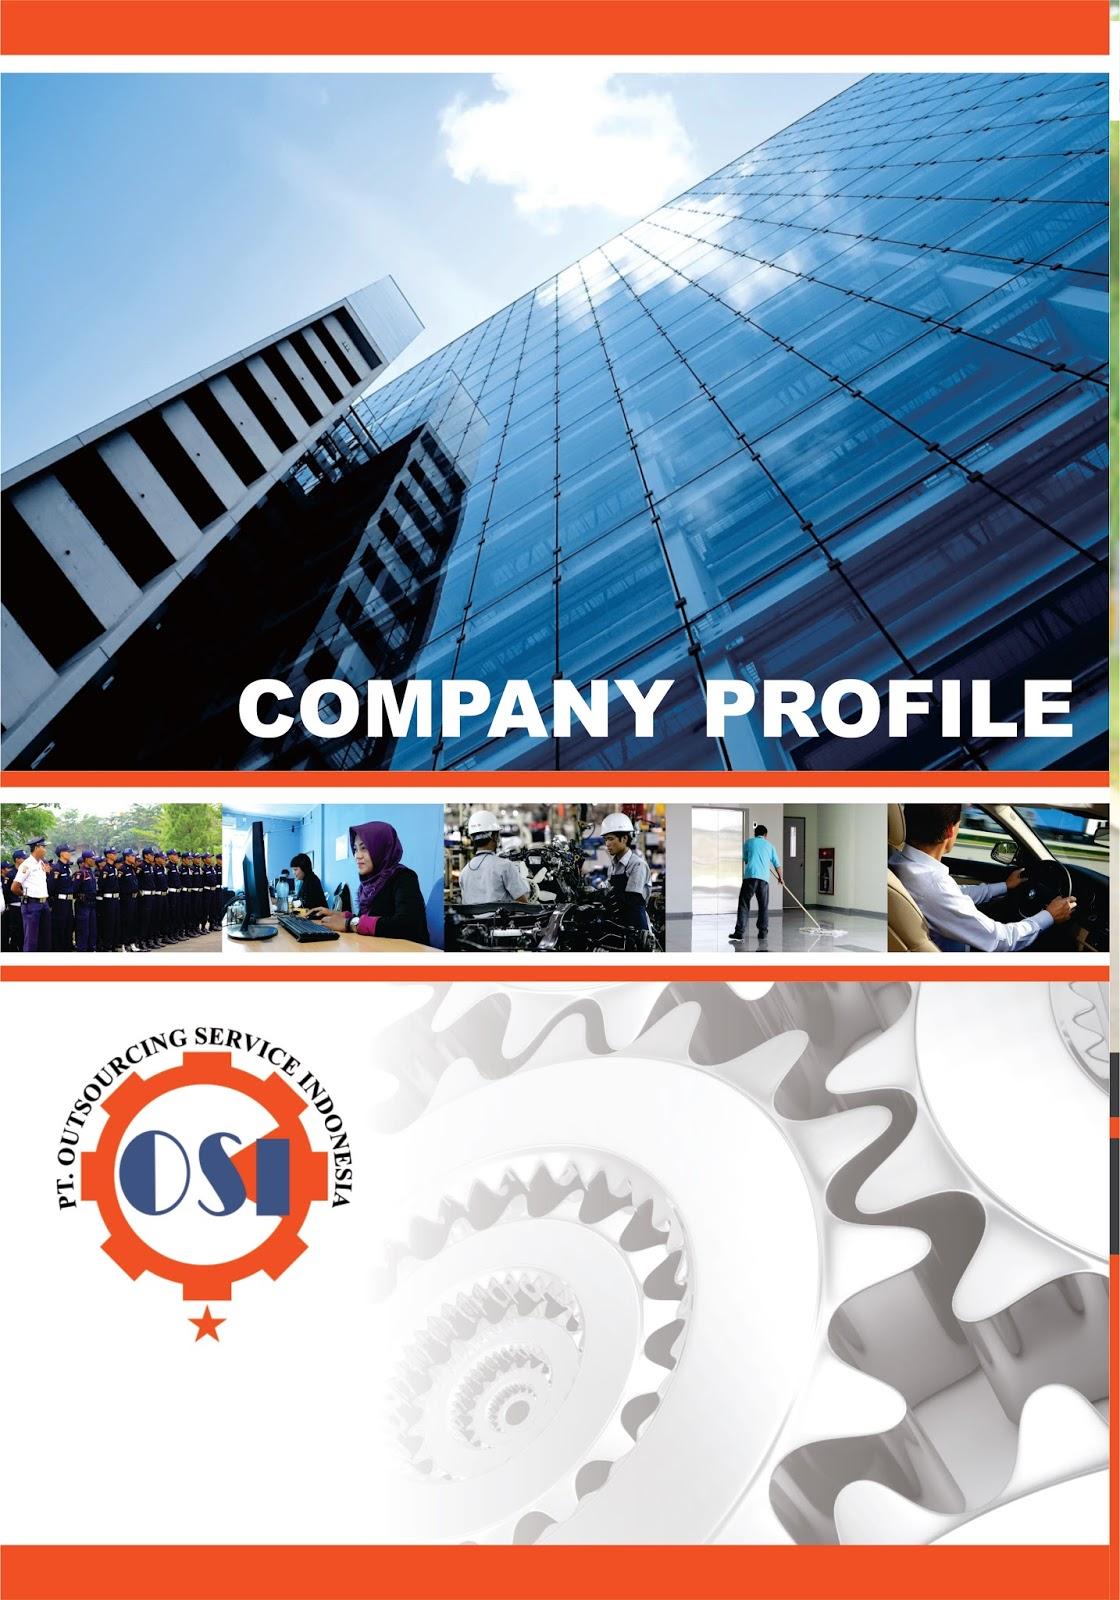 Perusahaan Yayasan Penyalur Penyedia Tenaga Kerja Outsourcing Adminitrasi Kota Administrasi